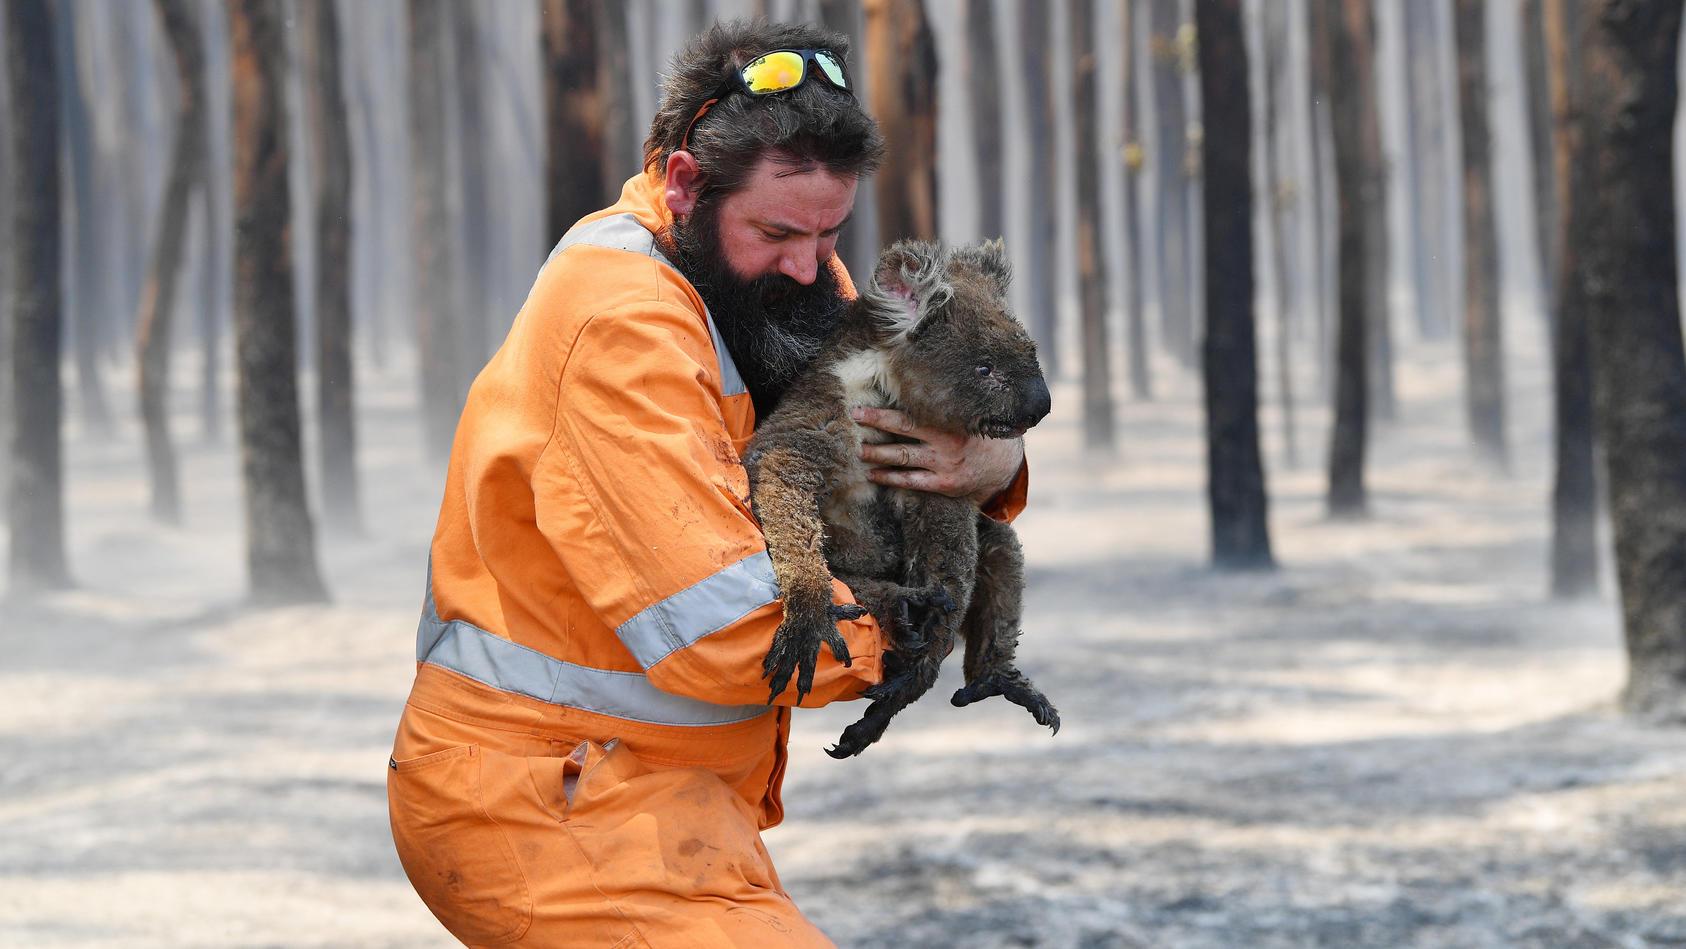 Menschen helfen den Tieren in Not, doch oftmals waren es Menschen, die die Not erst herbeigeführt haben.